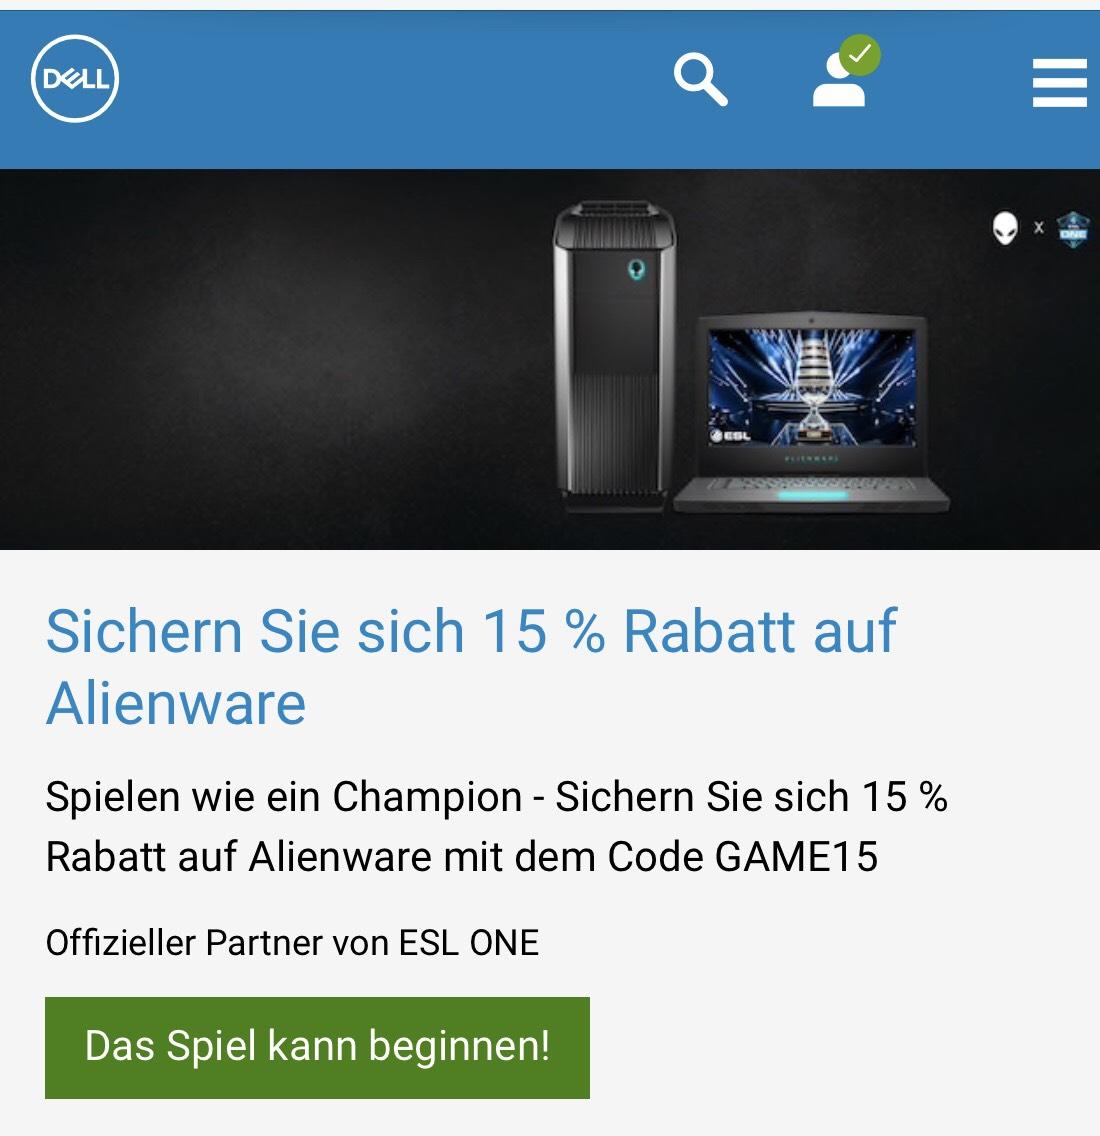 15% Rabatt auf alienware Produkte bei Dell